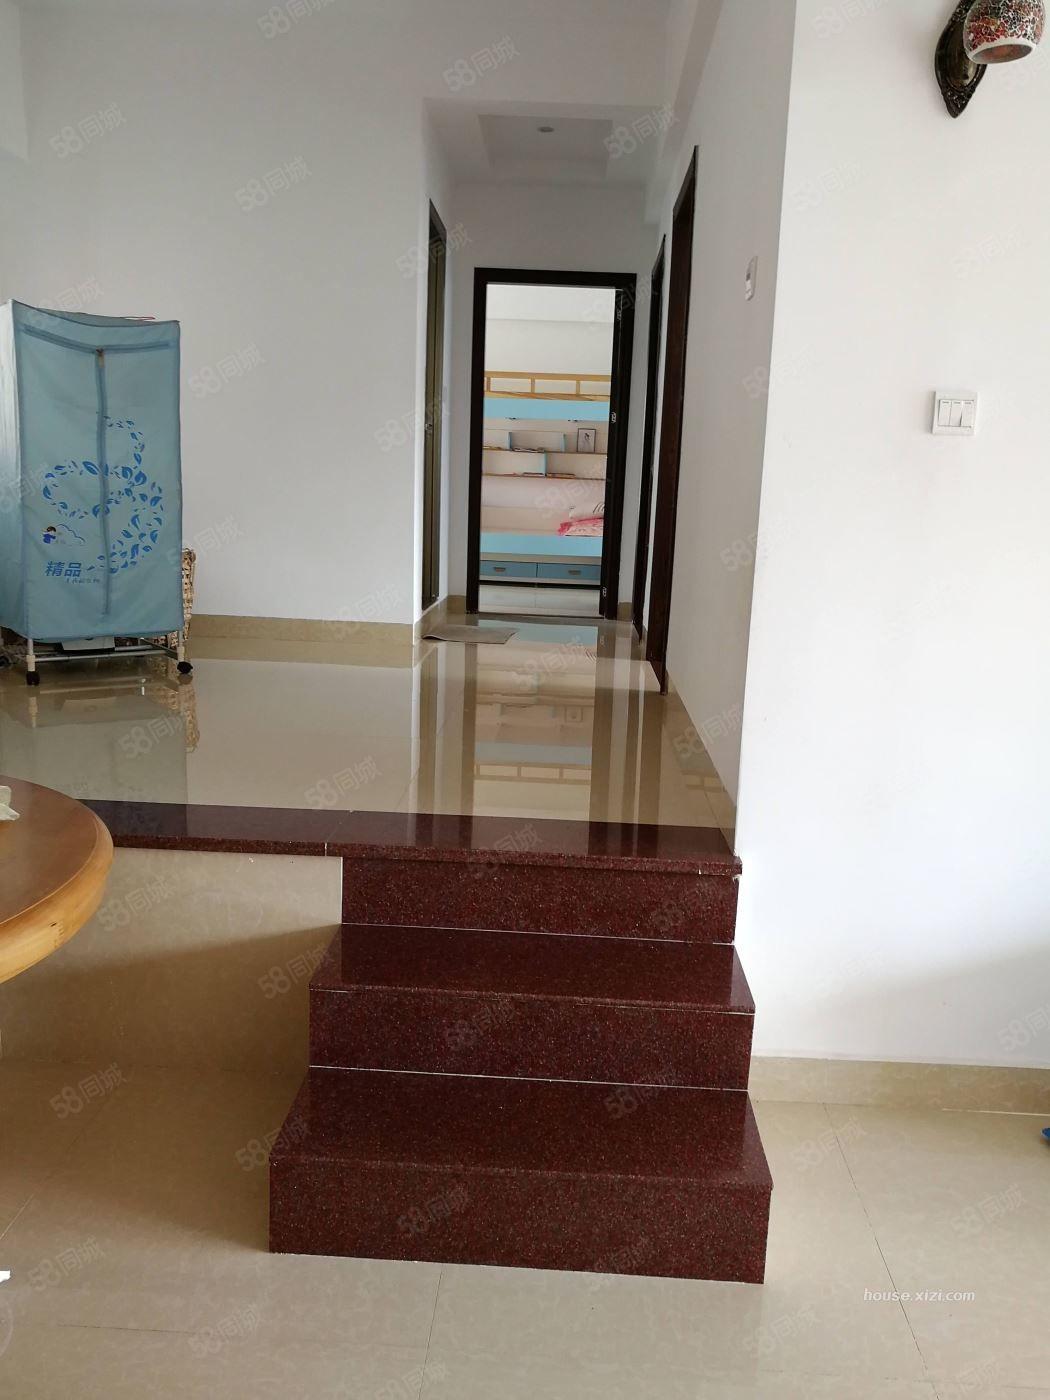 安静小区,出租,东湖花园4区2300元3室2厅2卫精装